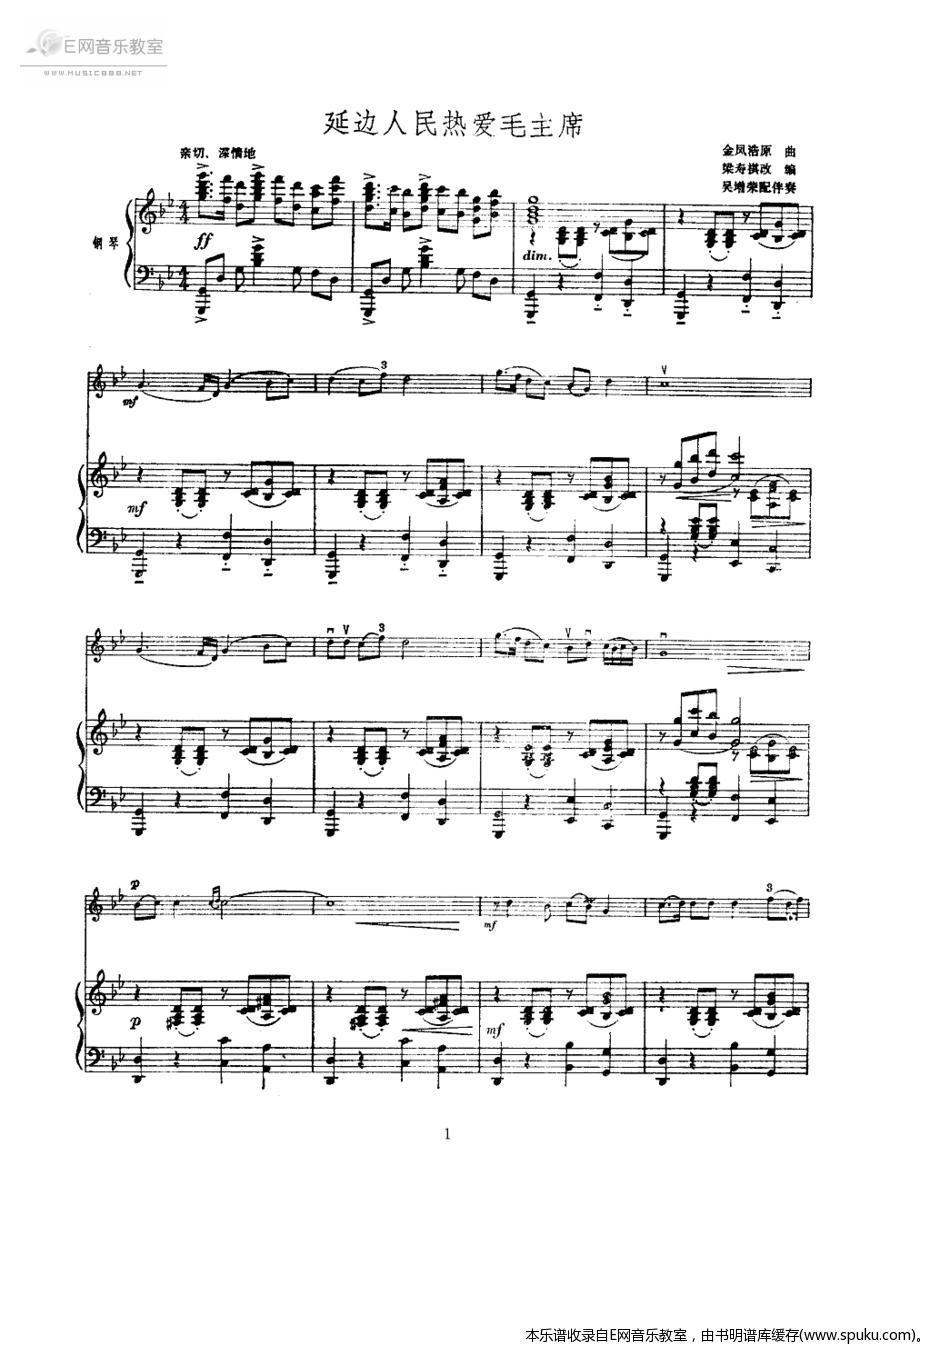 延边人民热爱毛主席1-钢琴谱-曲谱